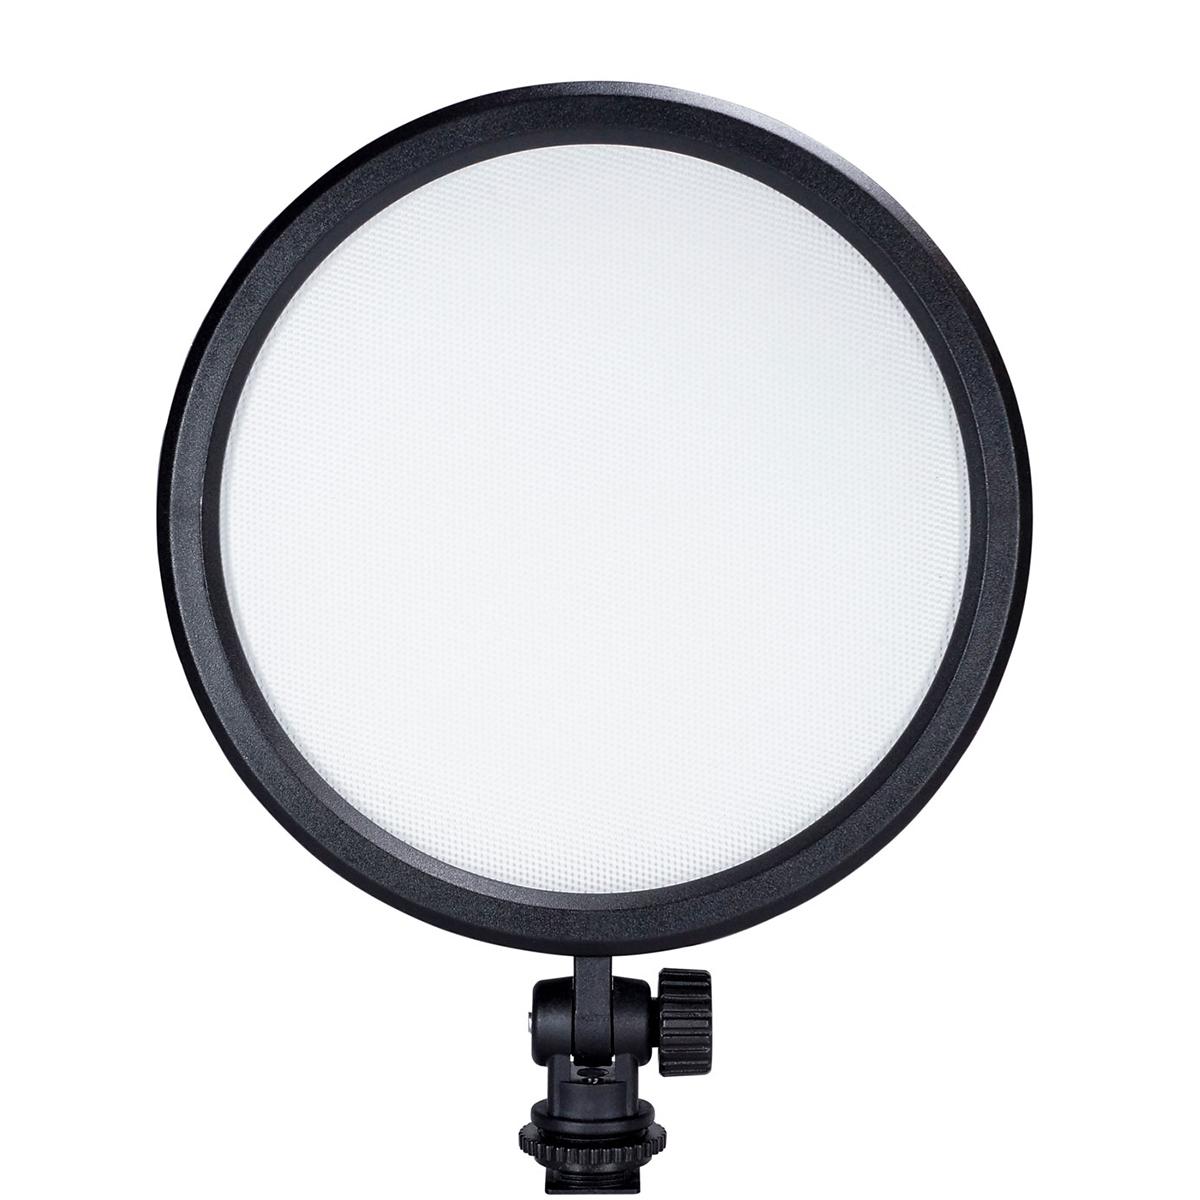 B.I.G. LED 120VCR Video-Flächenleuchte, rund, 16 cm